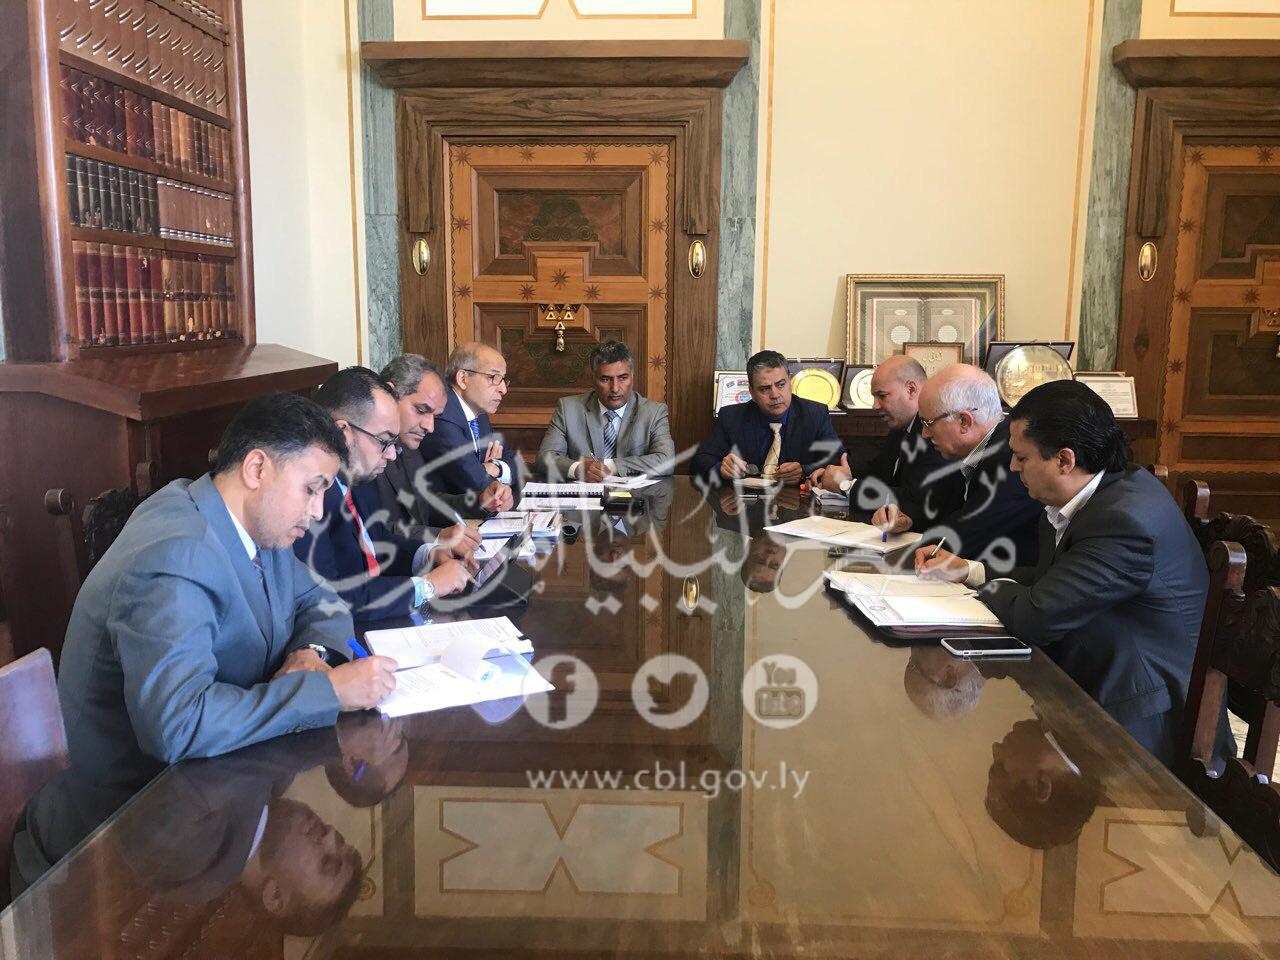 اجتماع مُوسَّع بمصرف ليبيا المركزي بشأن الملاحظات الواردة حول تقرير ديوان المحاسبة عن العام 2017